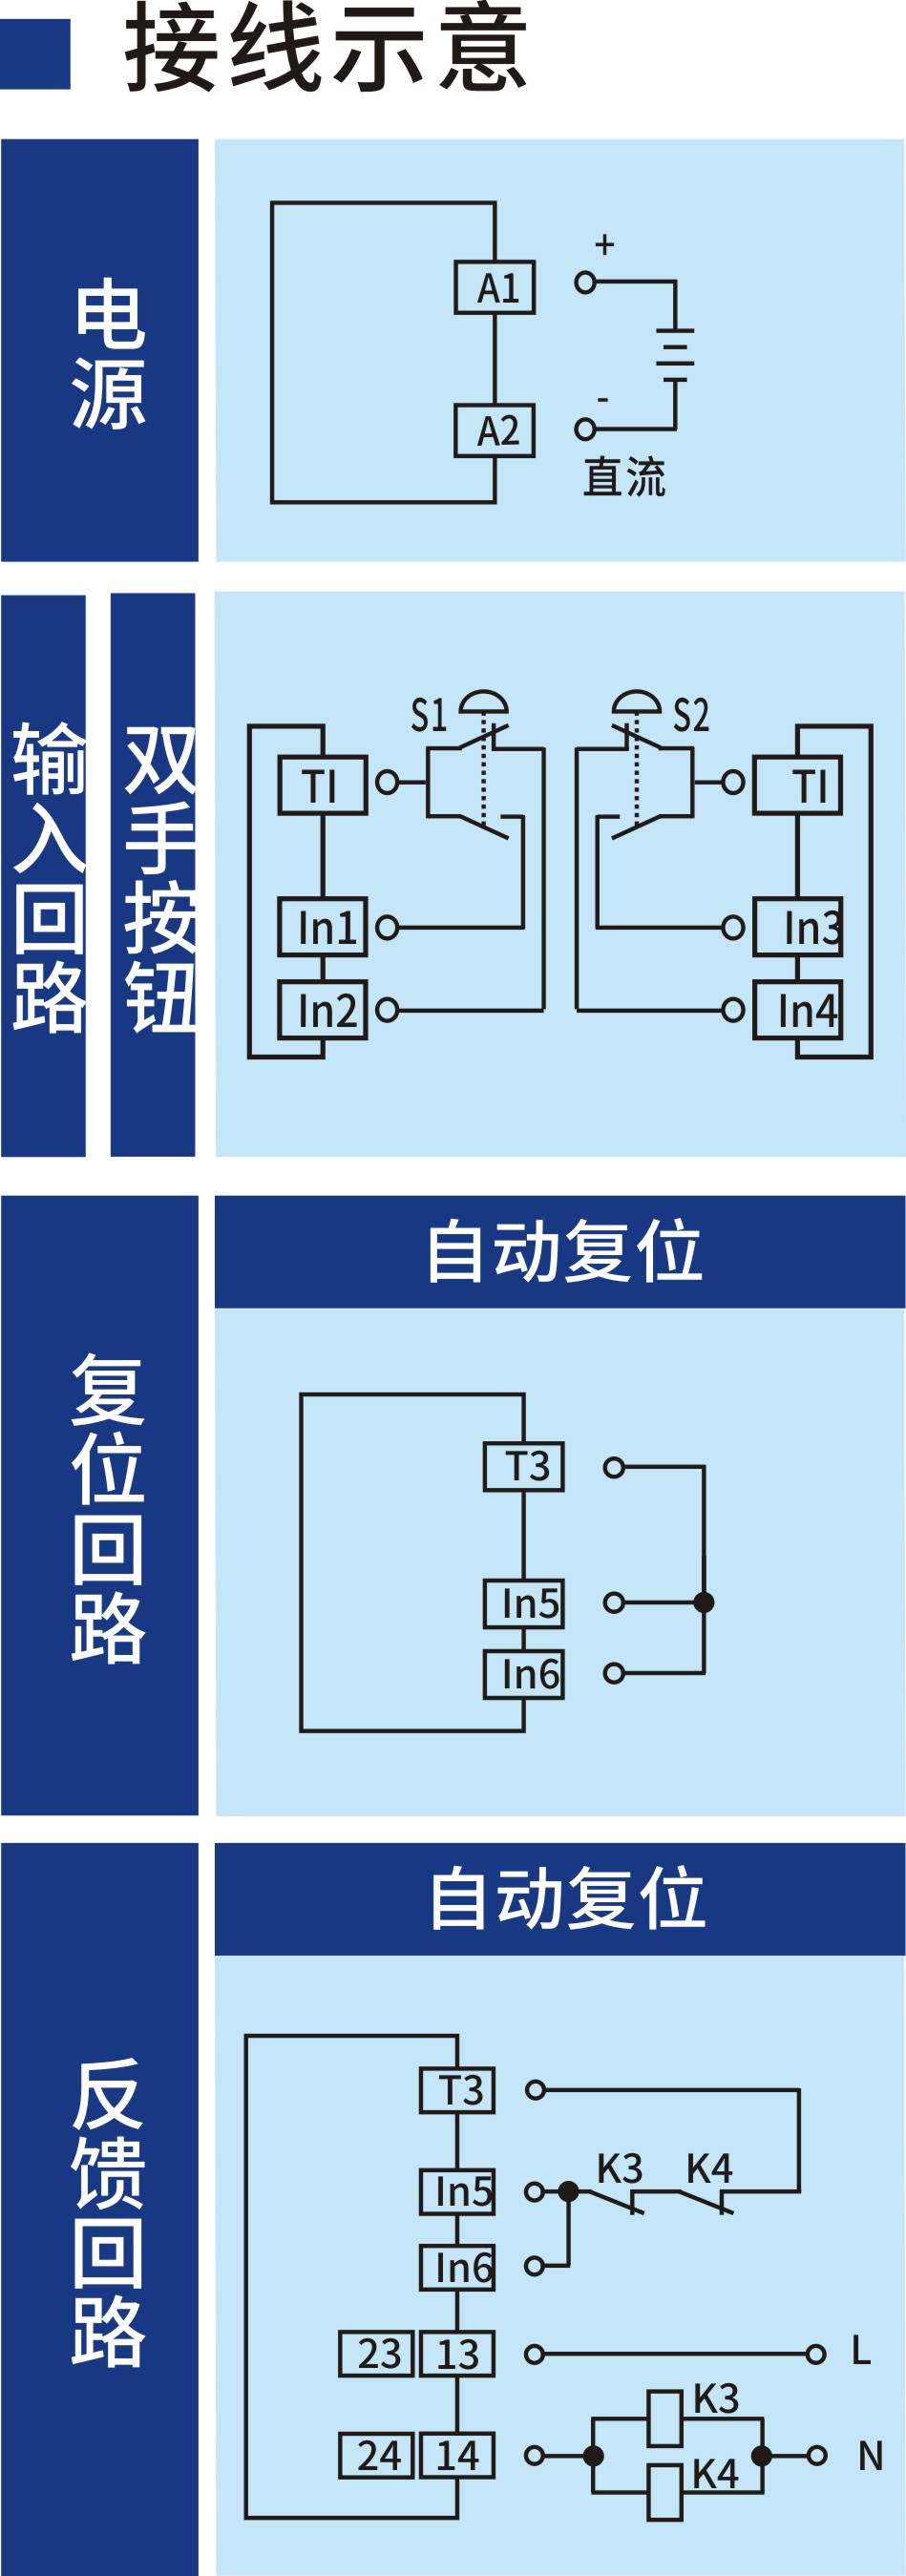 开关型安全设备输入 (复合型可配置 24V DC 2NO 通用复位)